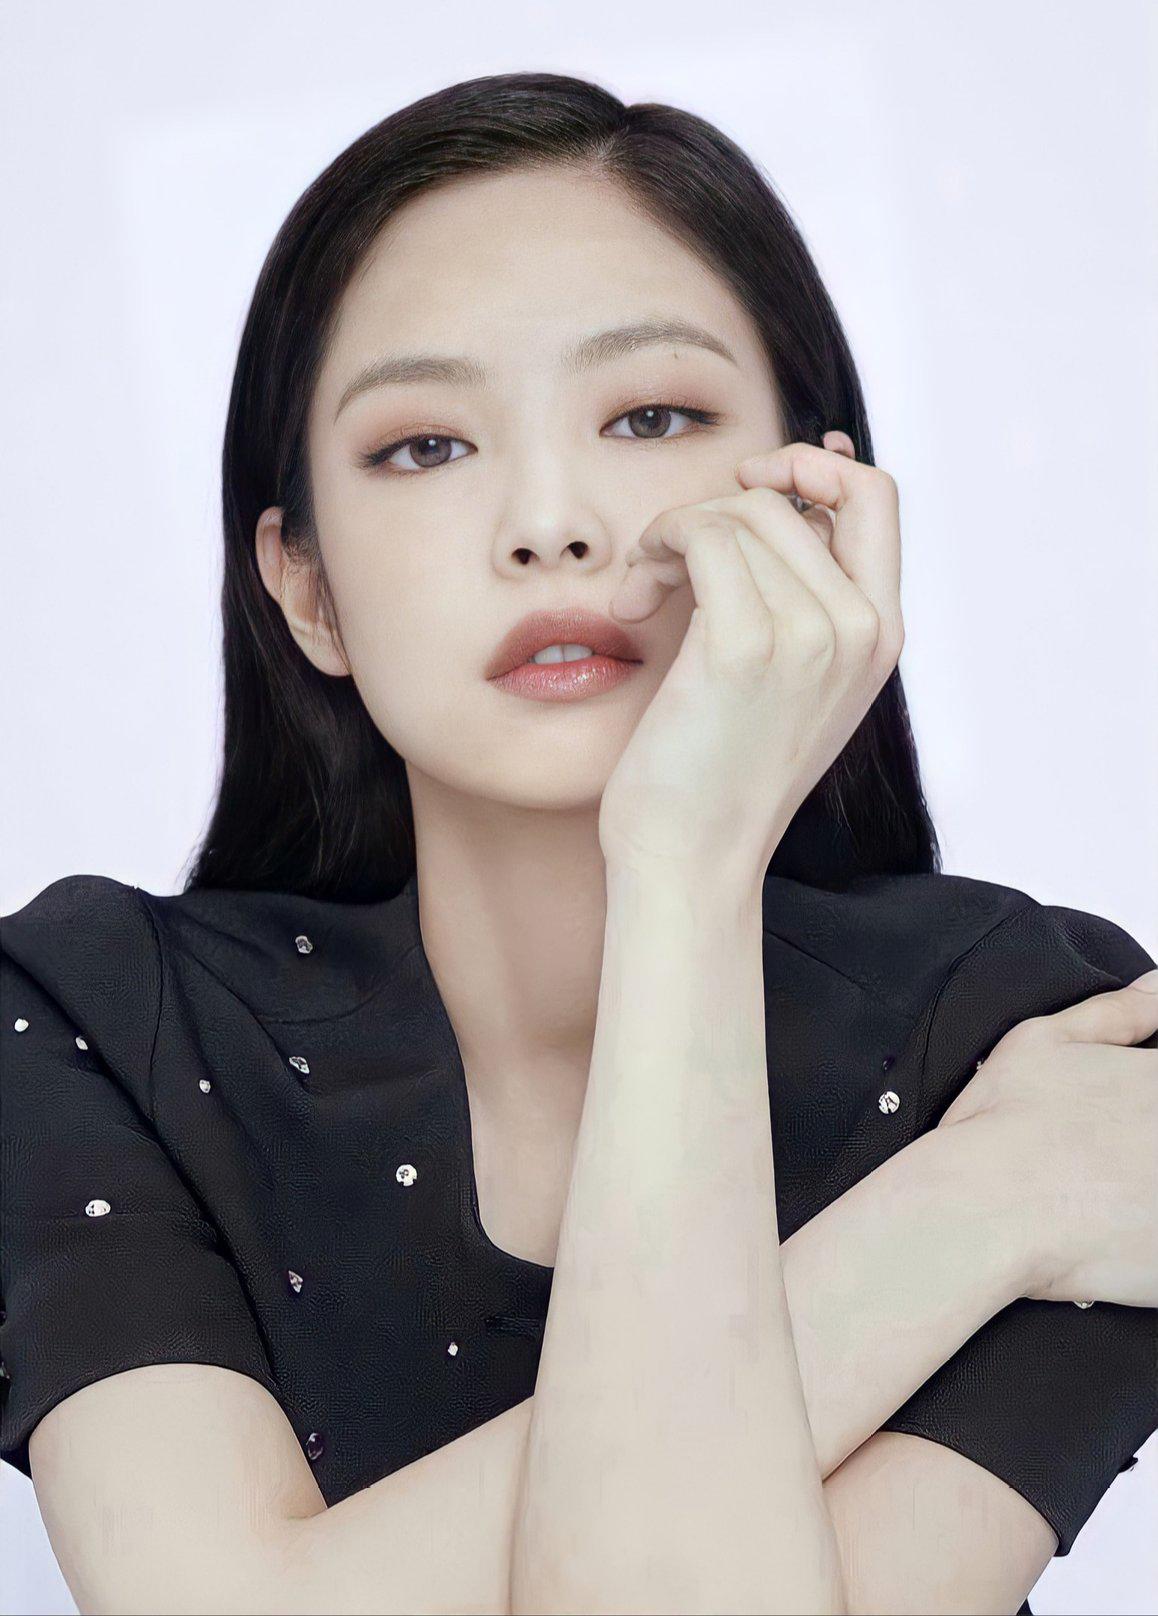 Vốn có khả năng diễn xuất cực đỉnh bằng ánh mắt, Jennie cực hợp với những shoot hình beauty thiên về vẻ tự nhiên này.